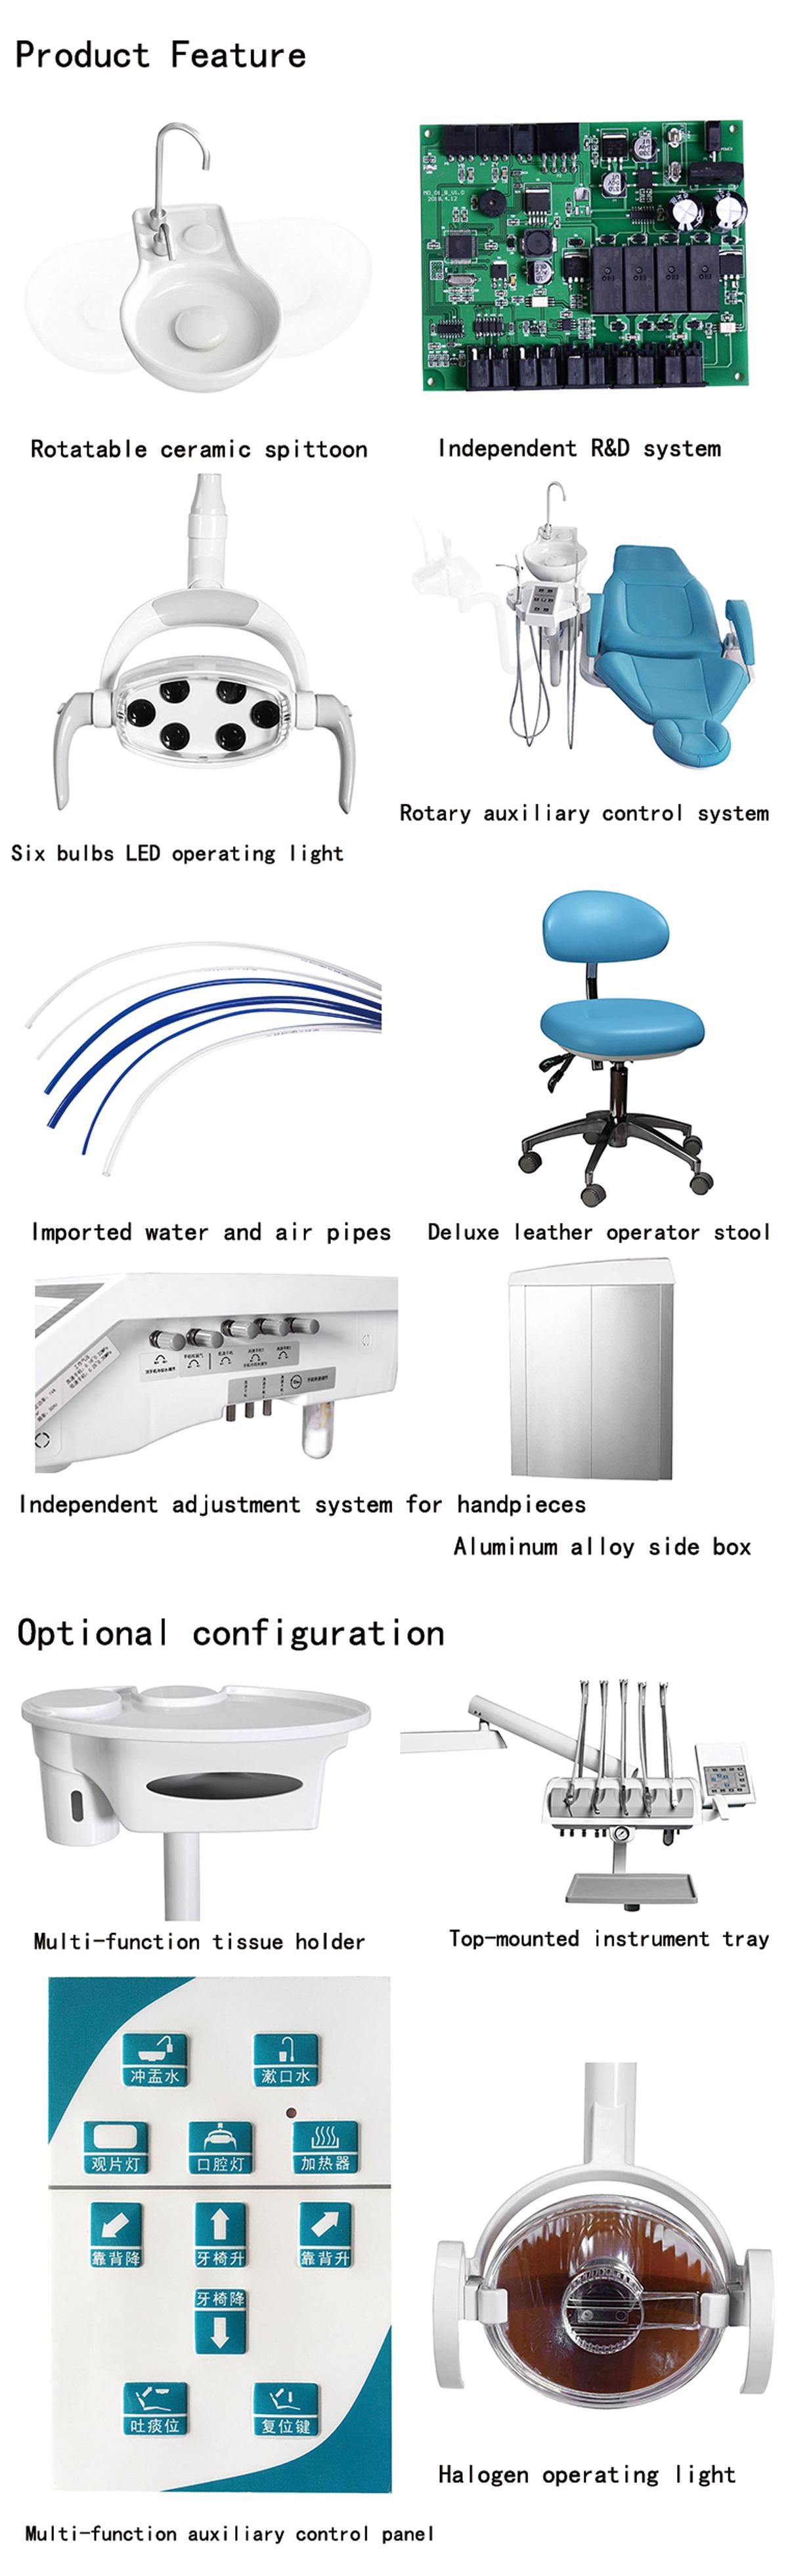 MD-A04 Dental Chair